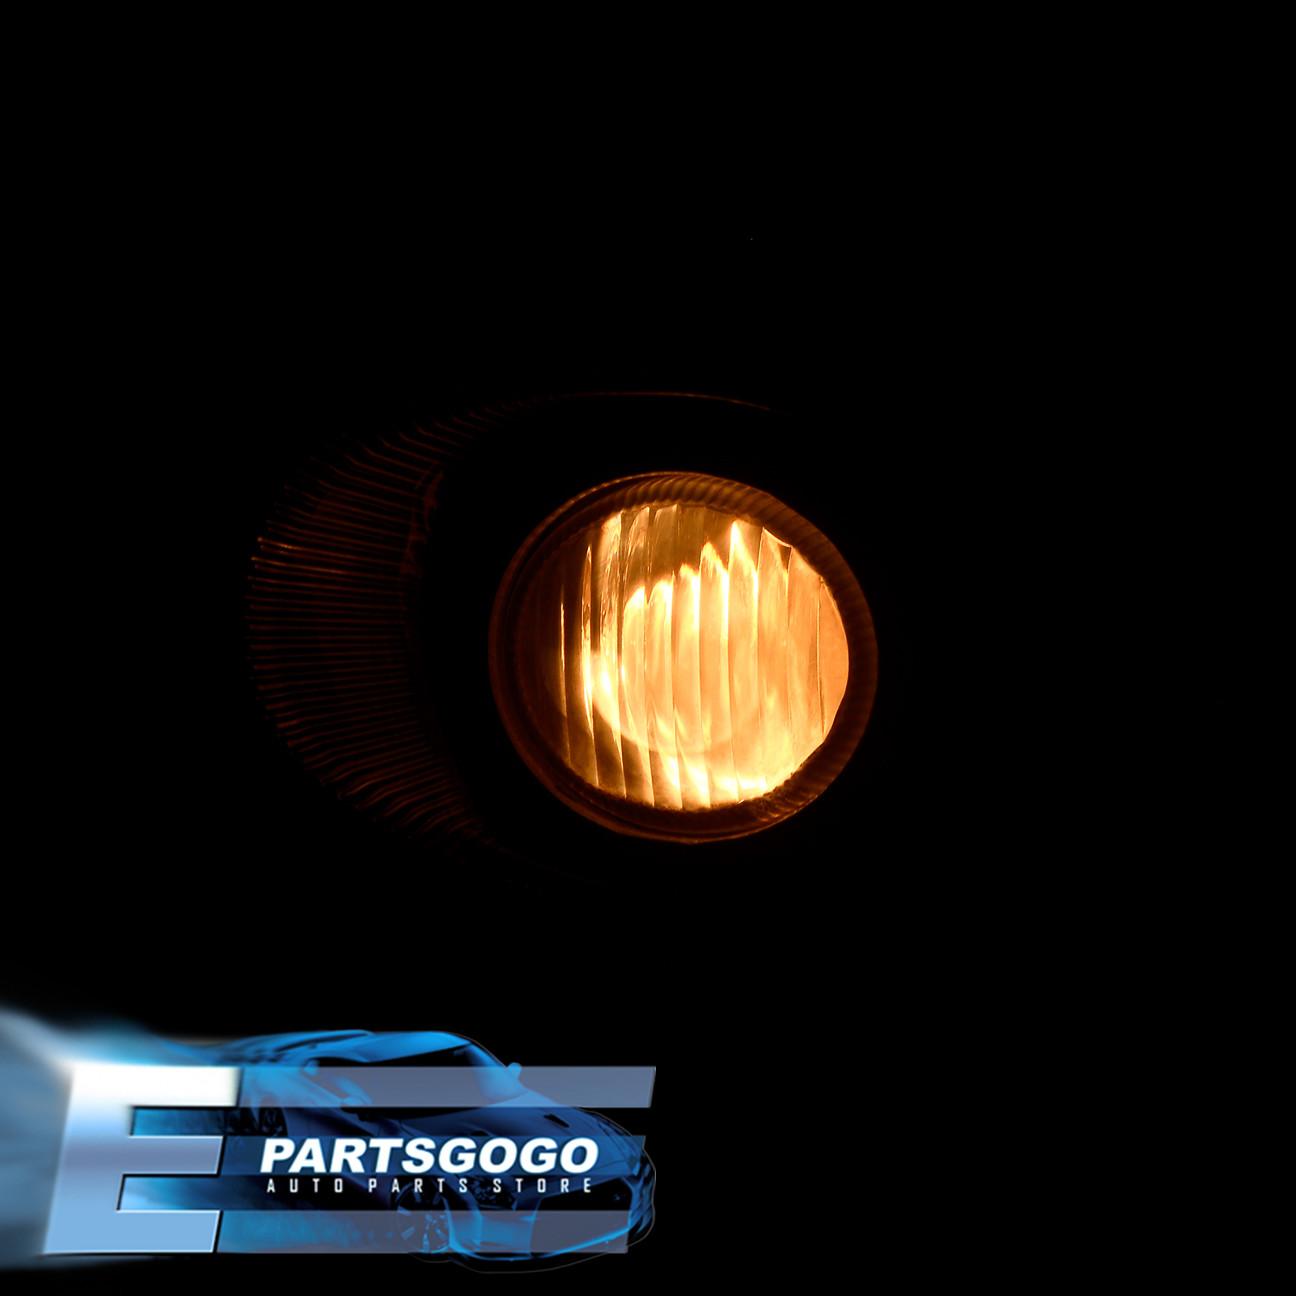 1992 3dr eg bumper fog lights lamp